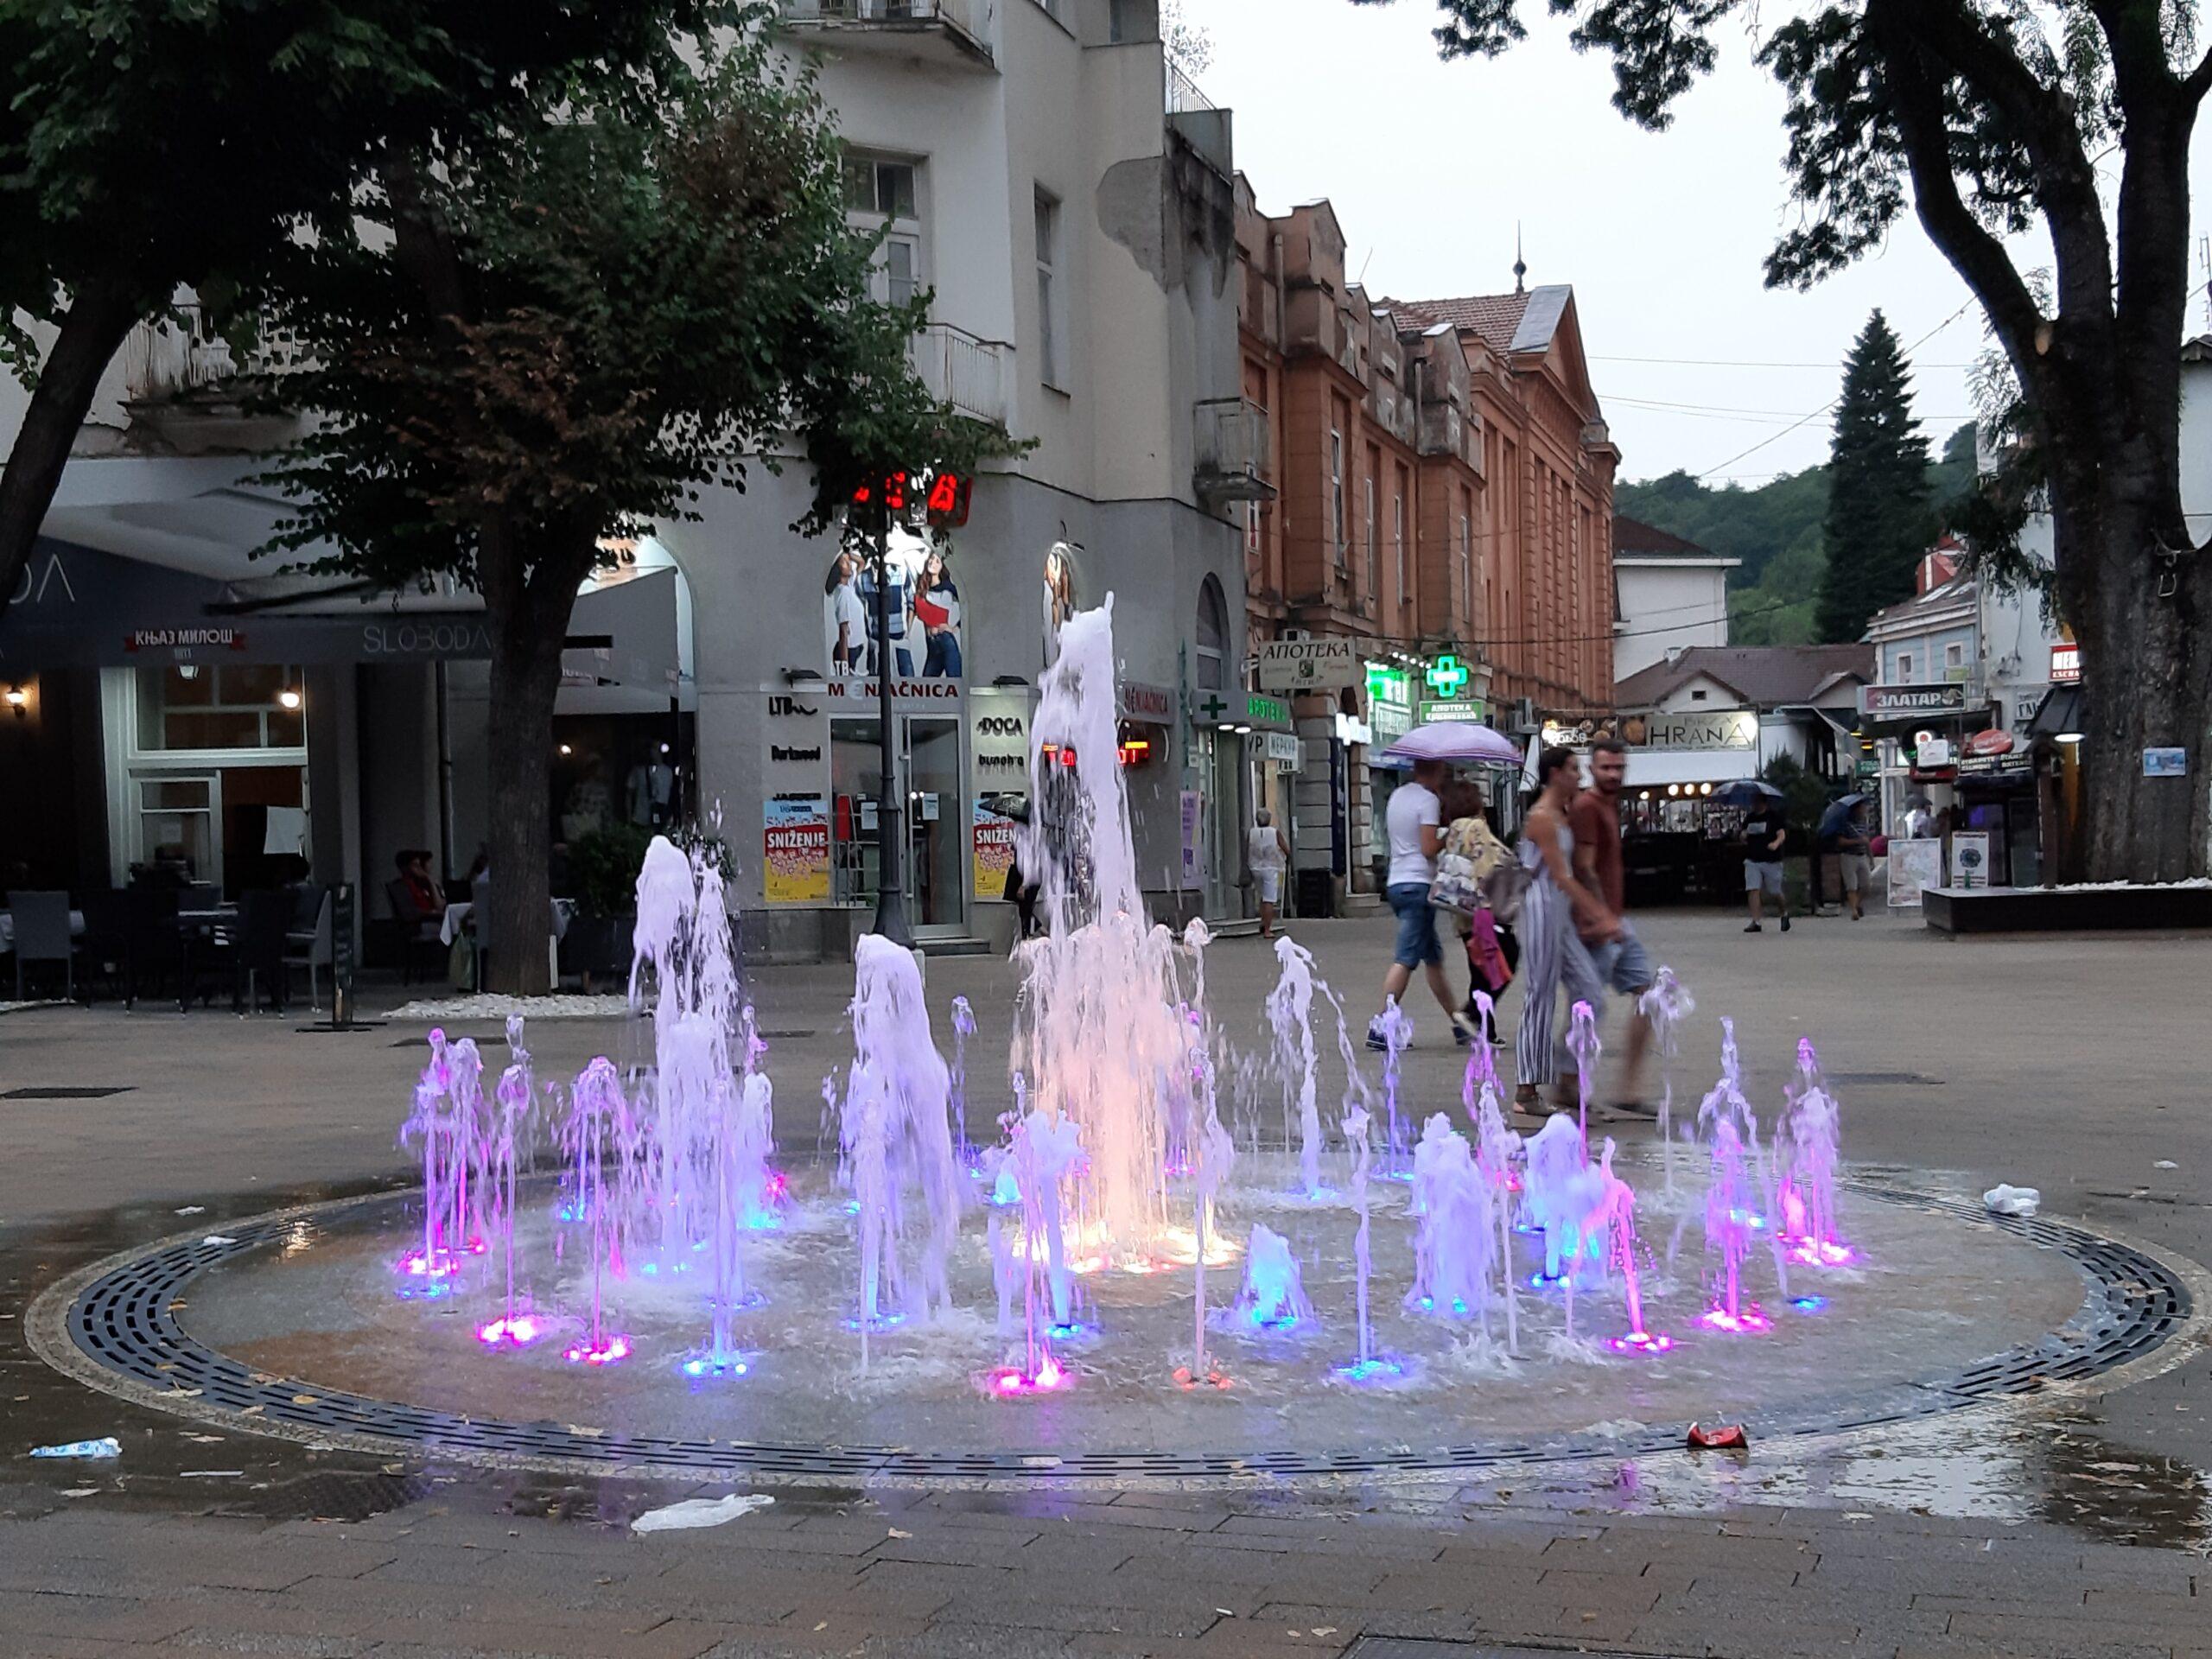 vrnjacka banja fontana